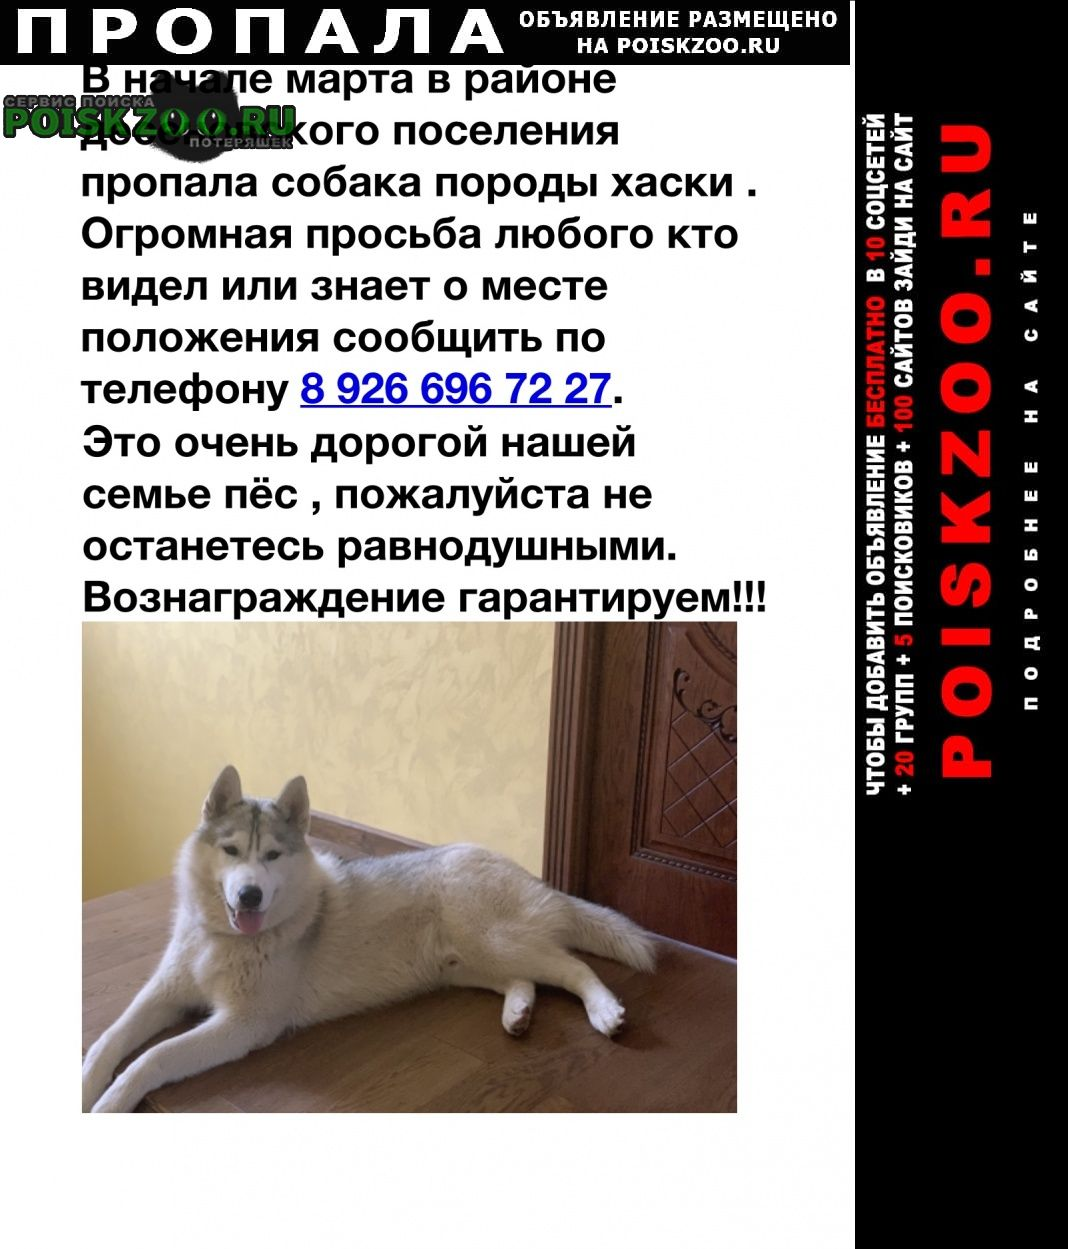 Пропала собака кобель породы хаски Троицк